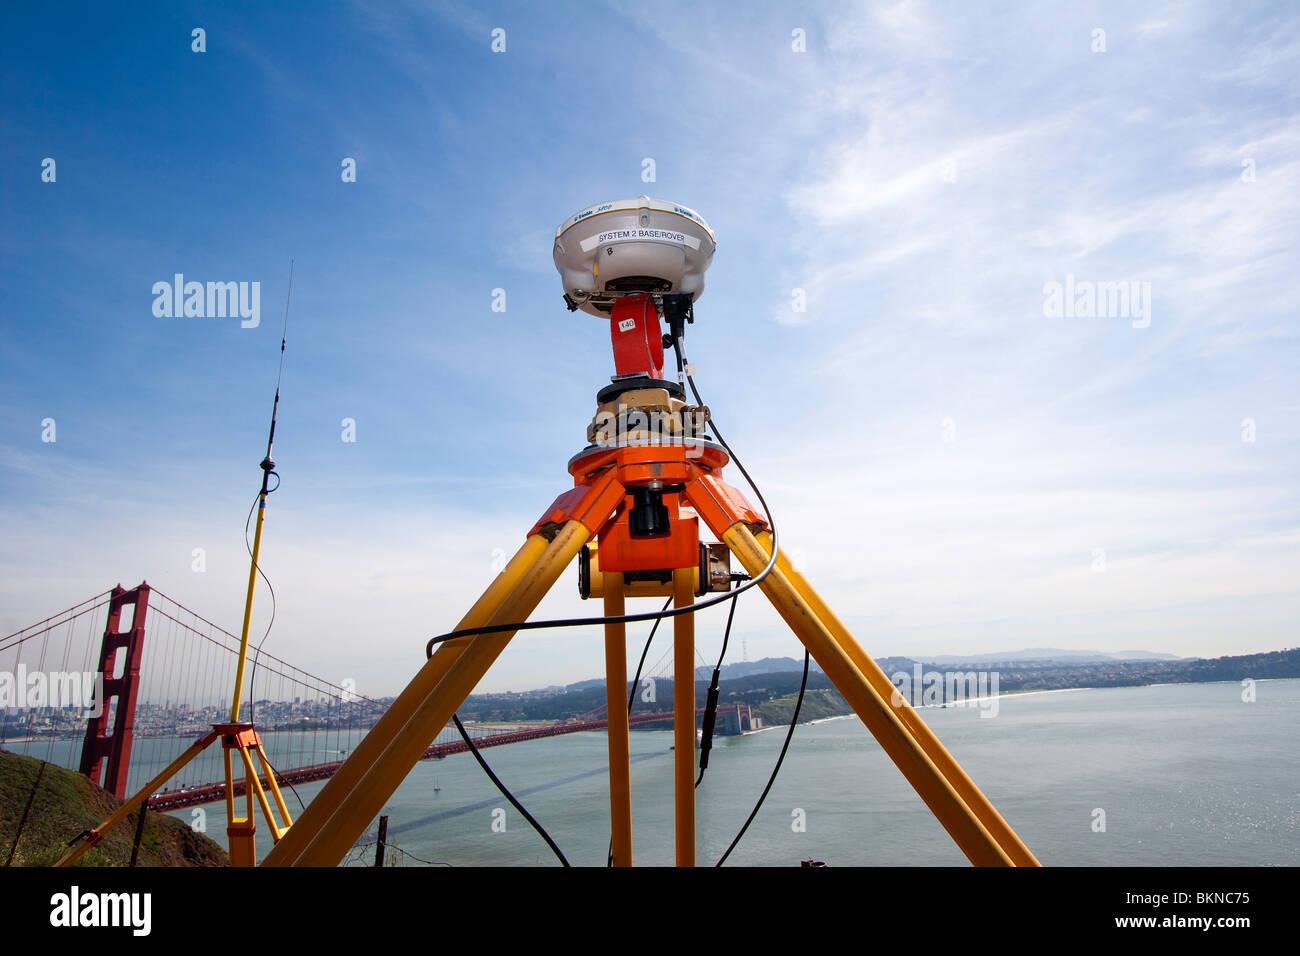 L'équipement d'arpentage près du Golden Gate Bridge, vraisemblablement pour la surveillance de Photo Stock